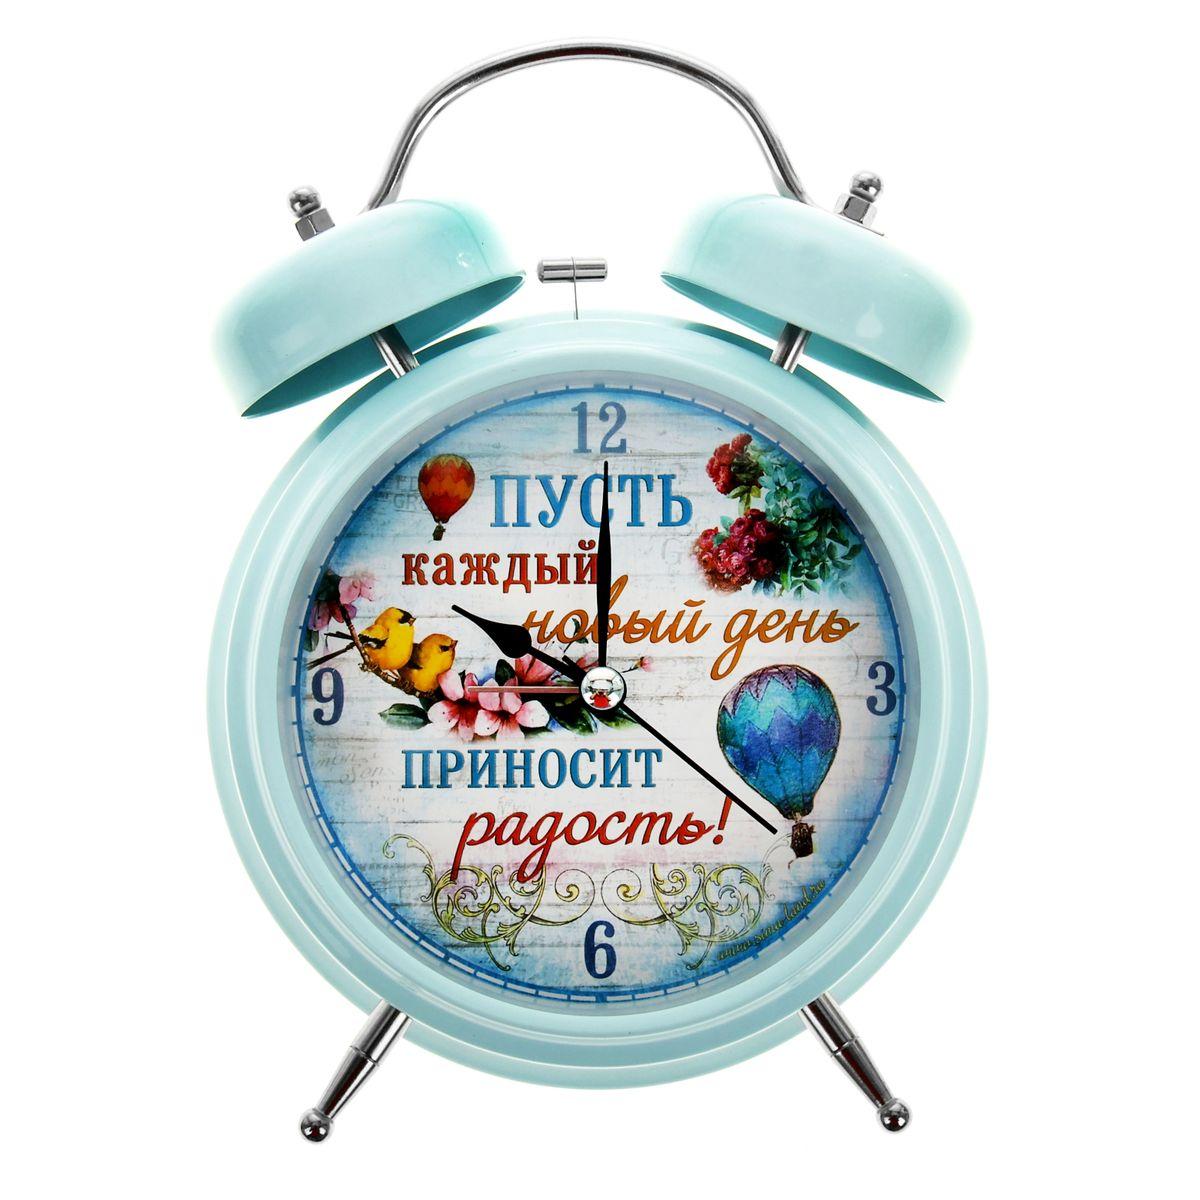 Часы-будильник Sima-land Каждый день приносит радость!, диаметр 15 смMRC 4119 P schwarzКак же сложно иногда вставать вовремя! Всегда так хочется поспать еще хотя бы 5 минут и бывает, что мы просыпаем. Теперь этого не случится! Яркий, оригинальный будильник Sima-land Каждый день приносит радость! поможет вам всегда вставать в нужное время и успевать везде и всюду.Корпус будильника выполнен из металла. Циферблат оформлен ярким рисунком и надписью: Пусть каждый новый день приносит радость!. Часы снабжены 4 стрелками - секундной, минутной, часовой и для будильника. На задней панели будильника расположен переключатель включения/выключения механизма, а также два колесика для настройки текущего времени и времени звонка будильника.Пользоваться будильником очень легко: нужно всего лишь поставить батарейку, настроить точное время и установить время звонка будильника. Будильник работает от 1 батарейки типа С (не входит в комплект).